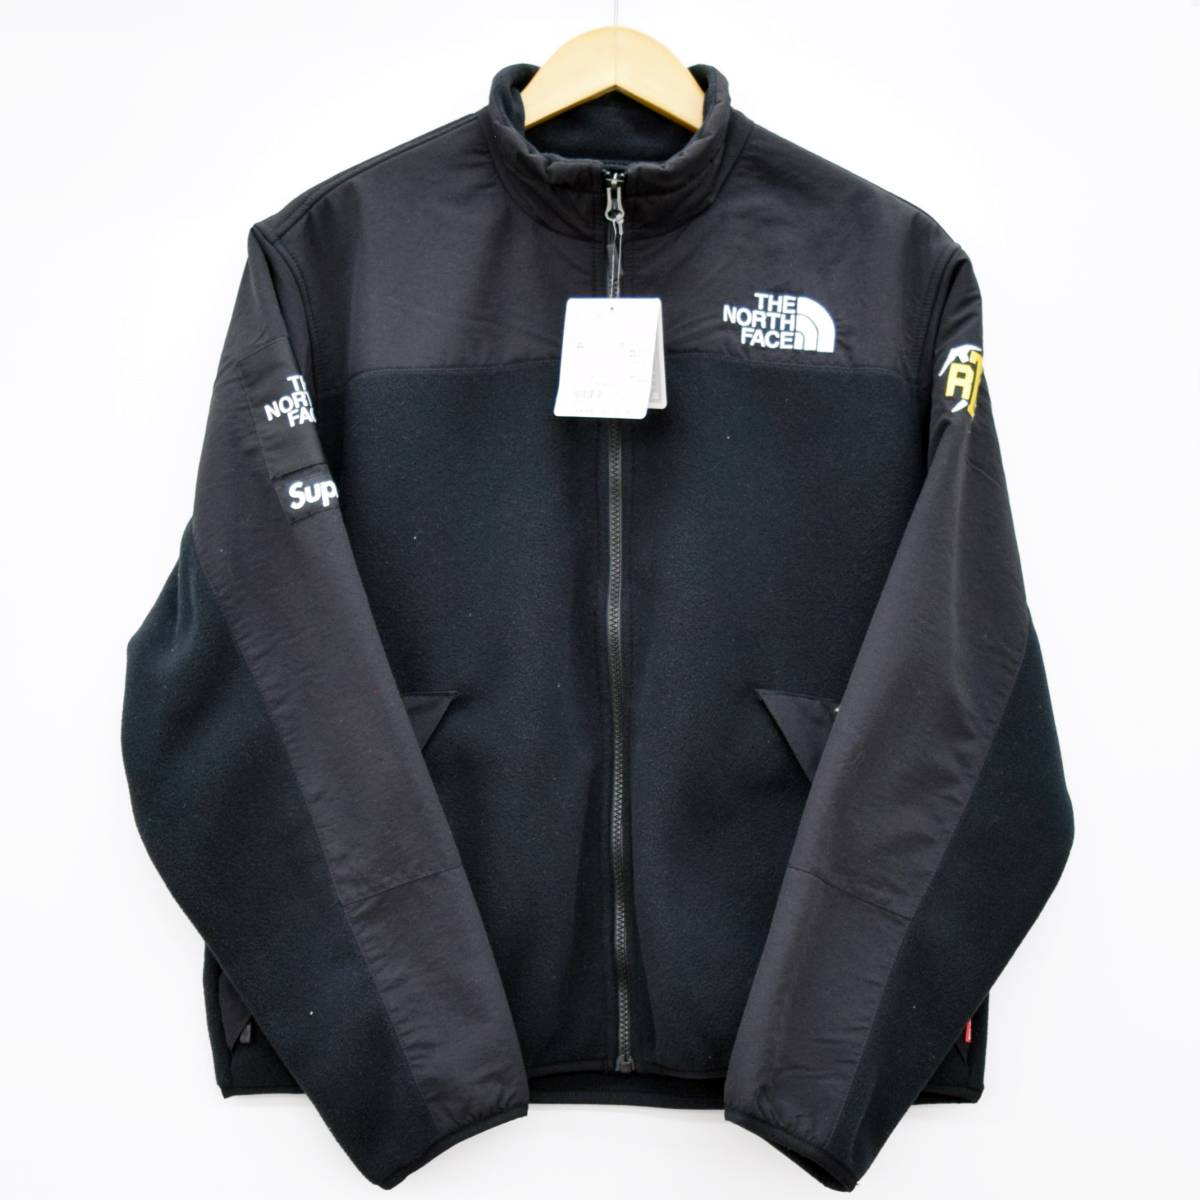 タグ付き未使用品 20SS Supreme THE NORTH FACE RTG Fleece Jacket シュプリーム ノースフェイス フリース ジャケット ブラック_画像1